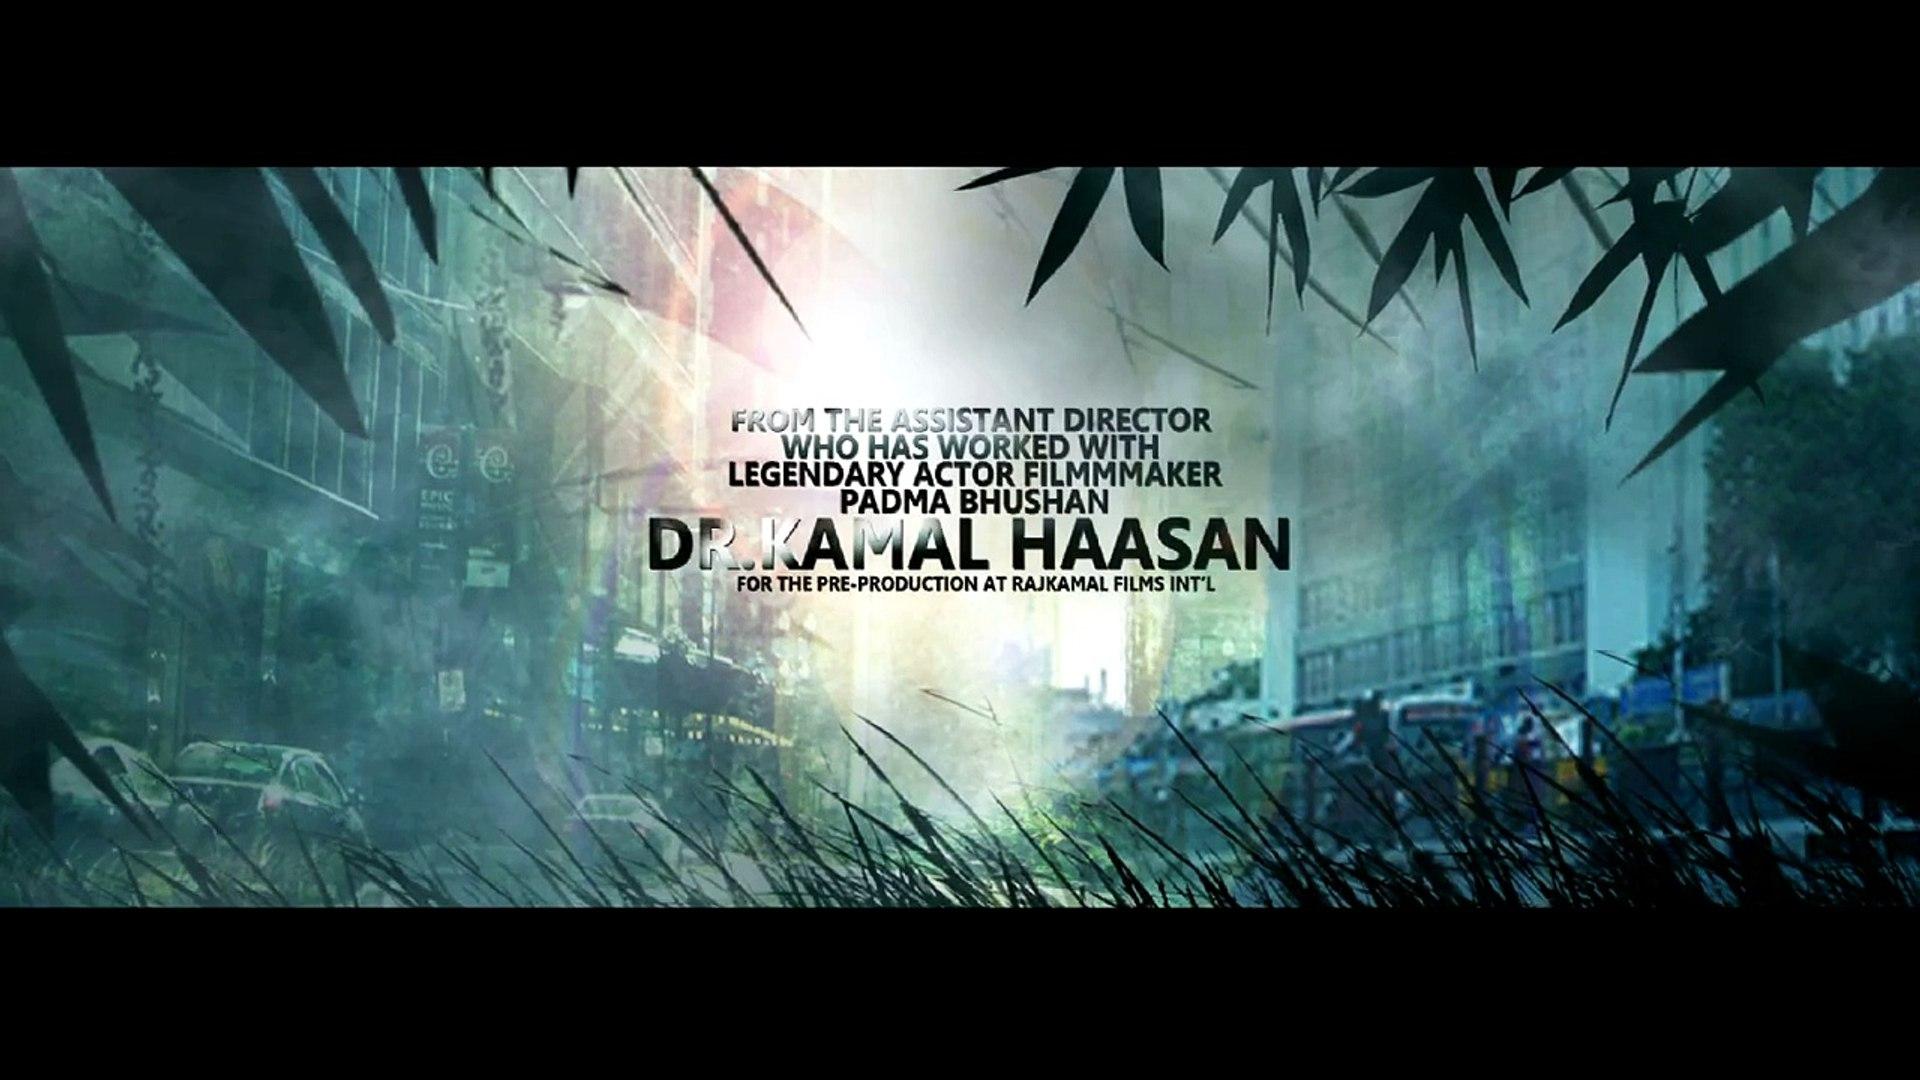 BRASIL Movie Trailer